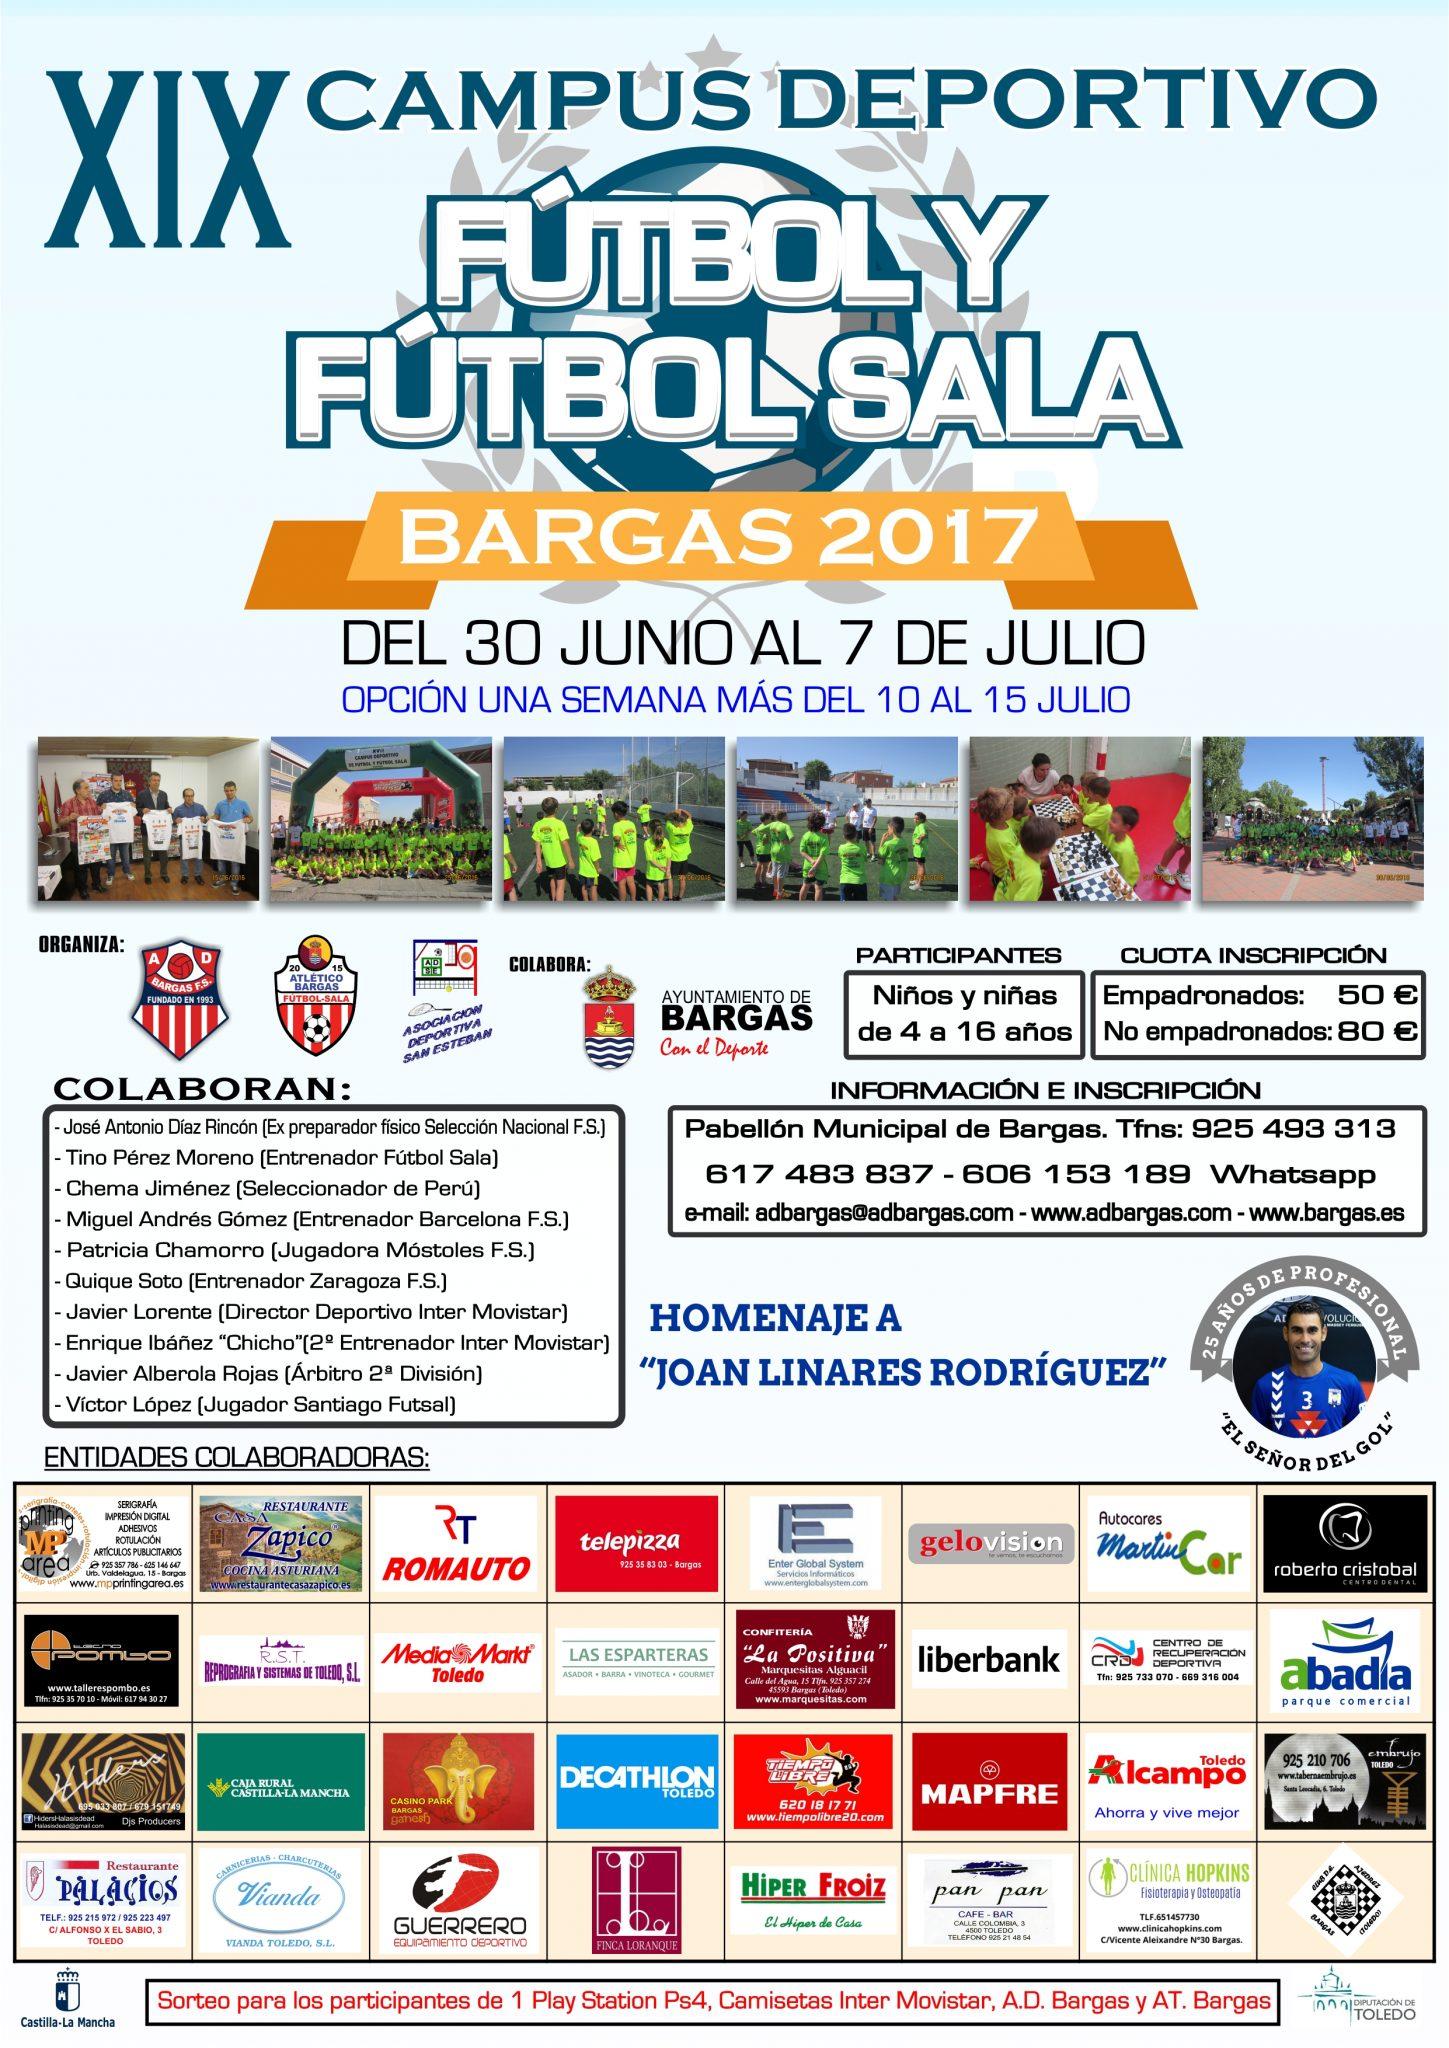 XIX Campus Deportivo Fútbol y Fútbol Sala